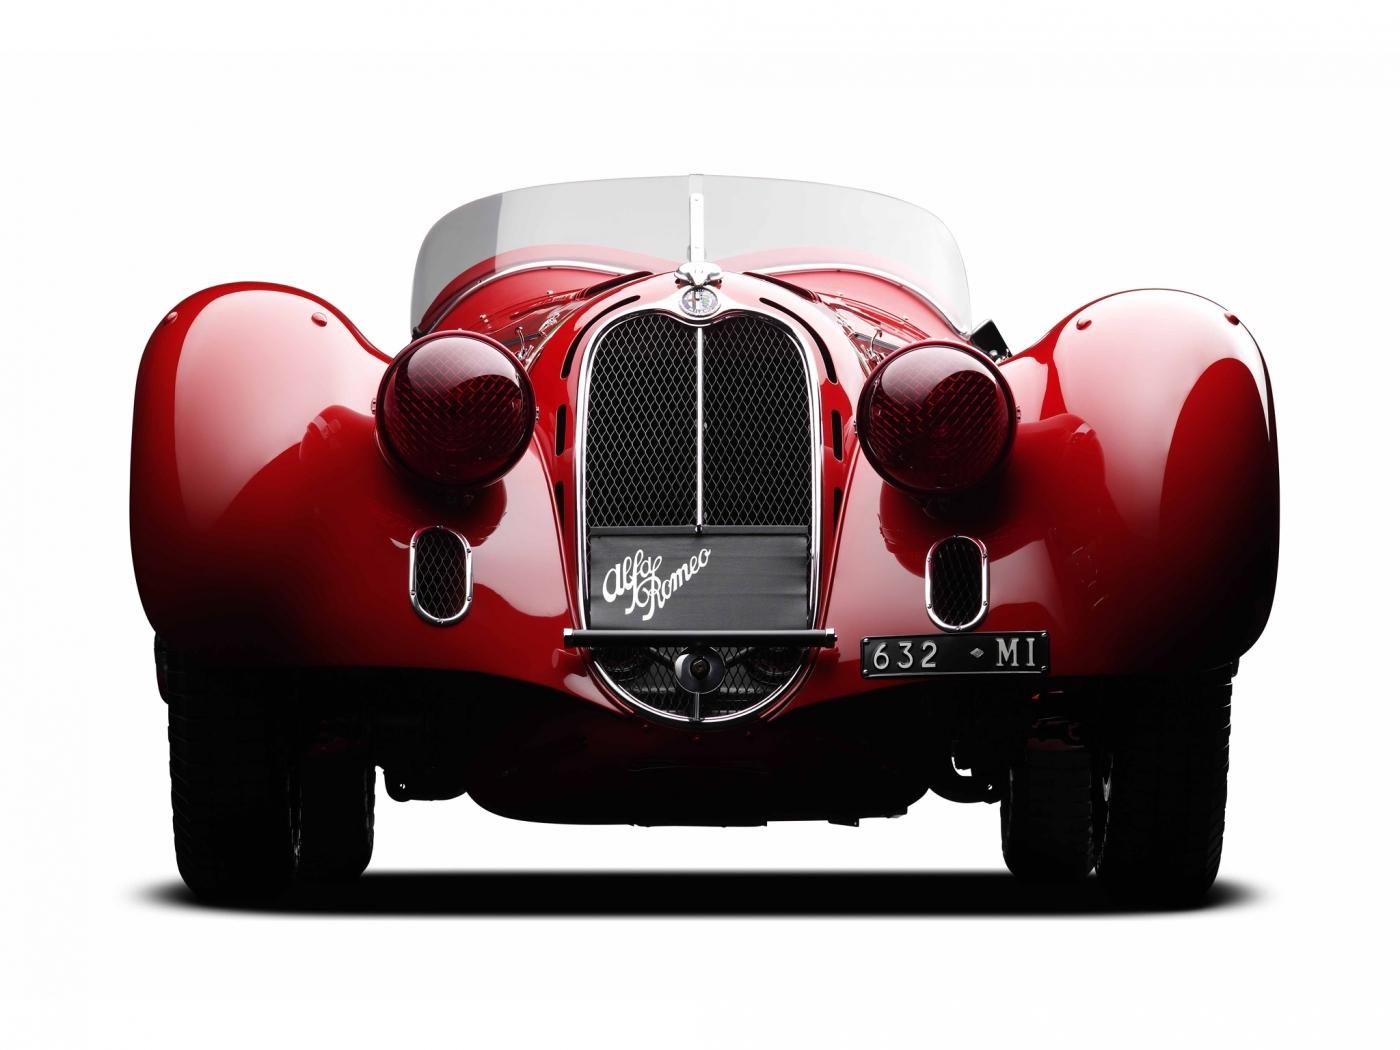 27249 скачать обои Транспорт, Машины, Альфа Ромео (Alfa Romeo) - заставки и картинки бесплатно